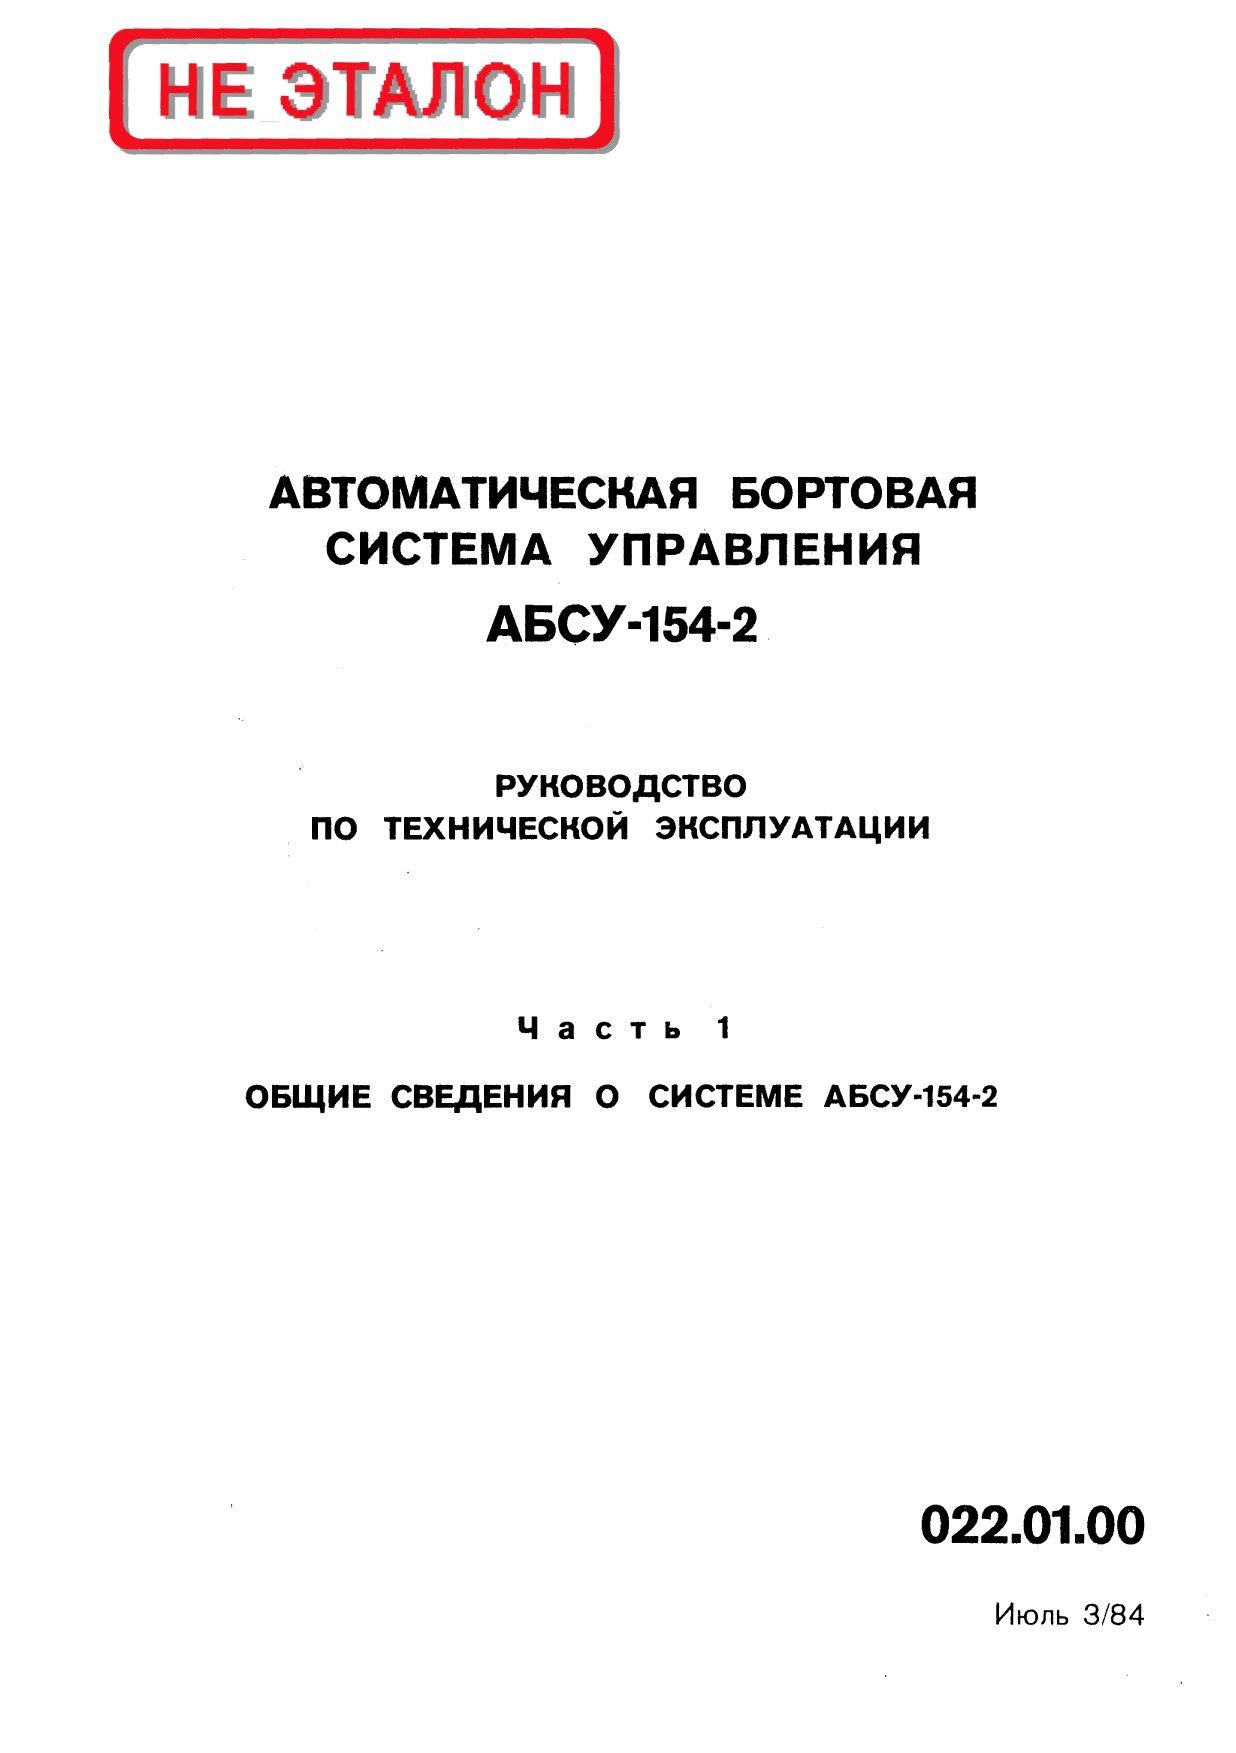 Автоматическая бортовая система управления АБСУ-154-2. (1 книга)